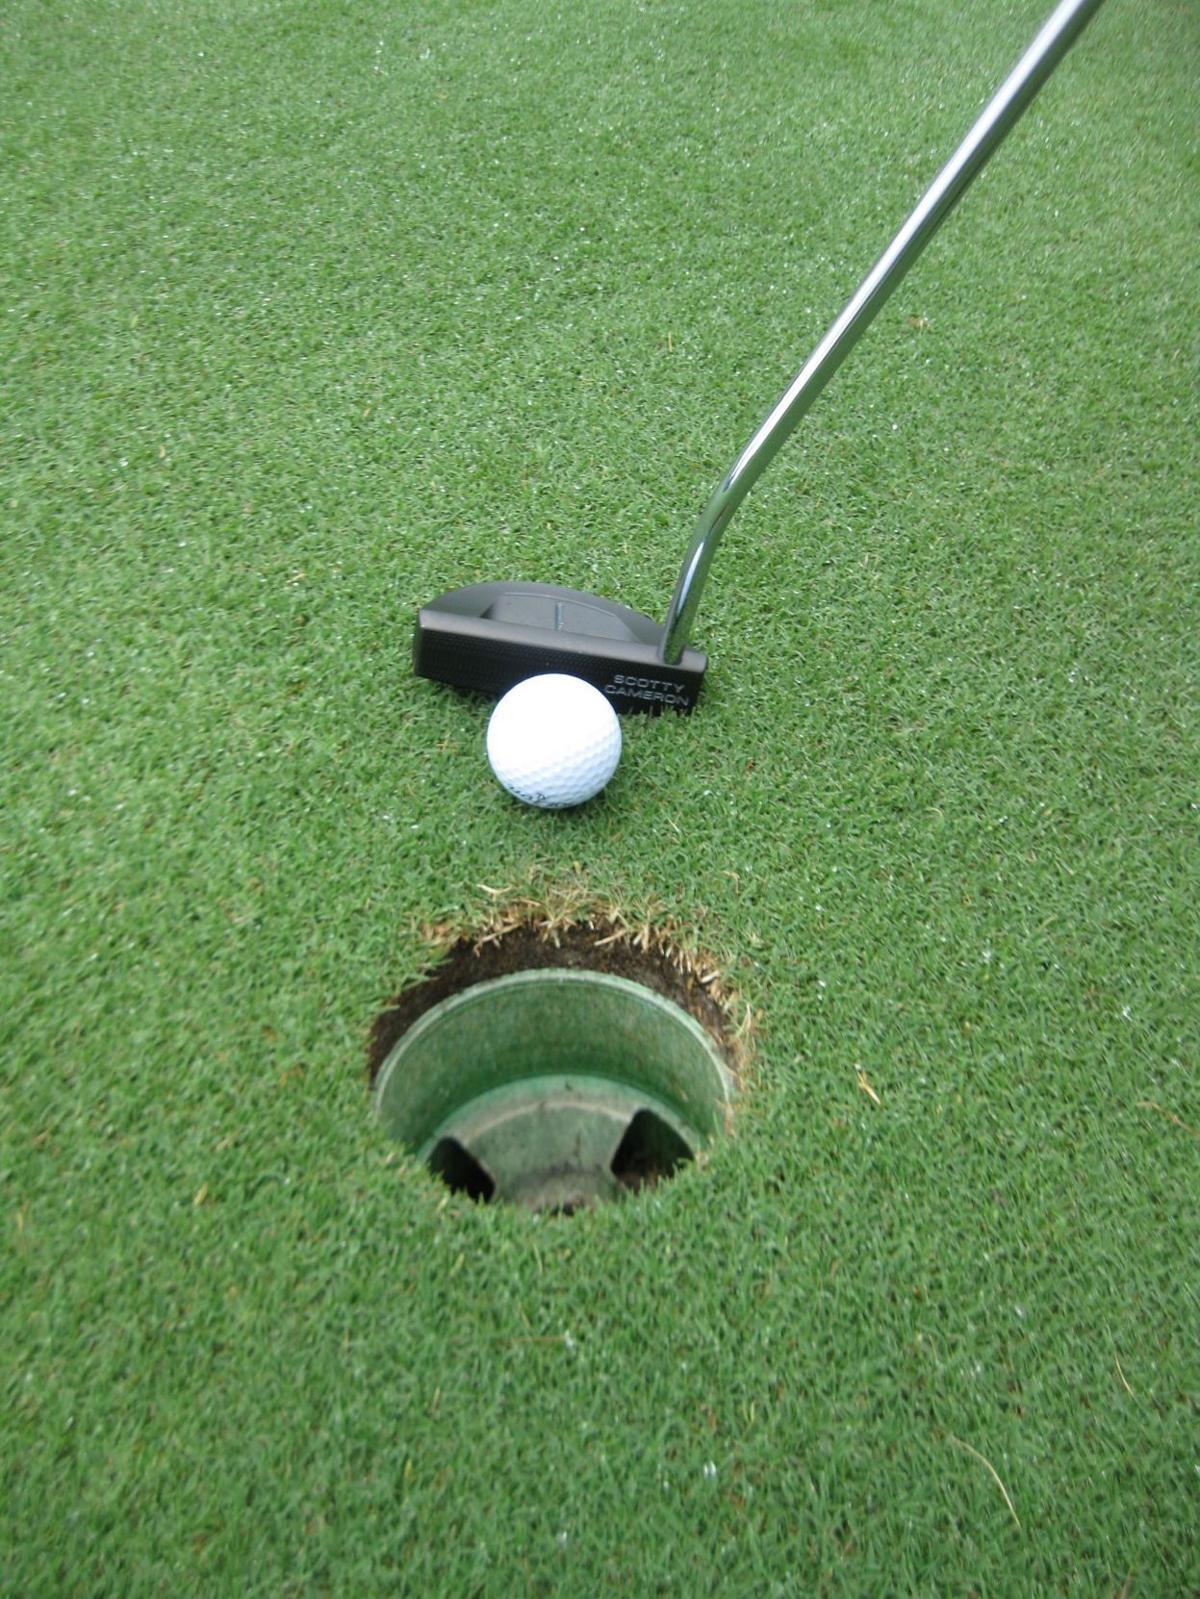 Drayton Stewart wins 13-14 title in S.C. Junior Golf